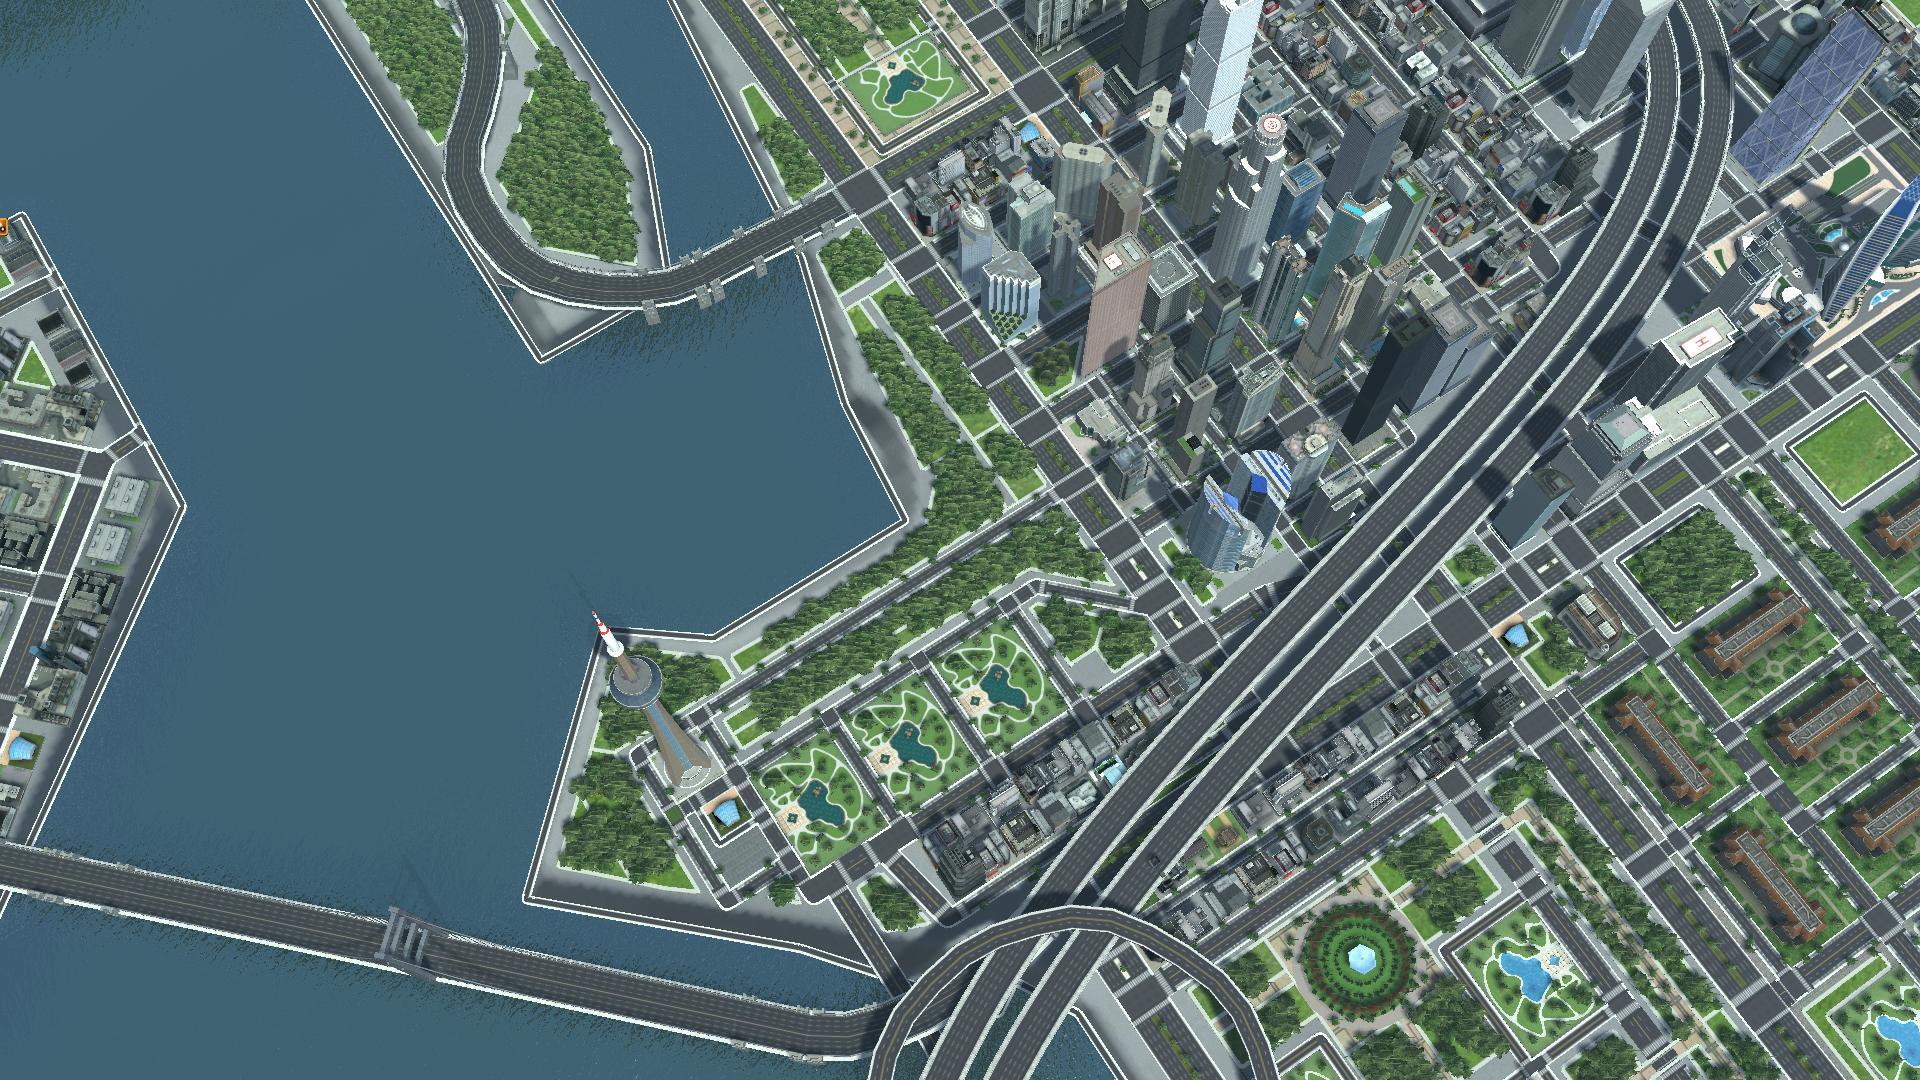 CitiesXL_2012 2014-11-06 01-53-21-39.jpg